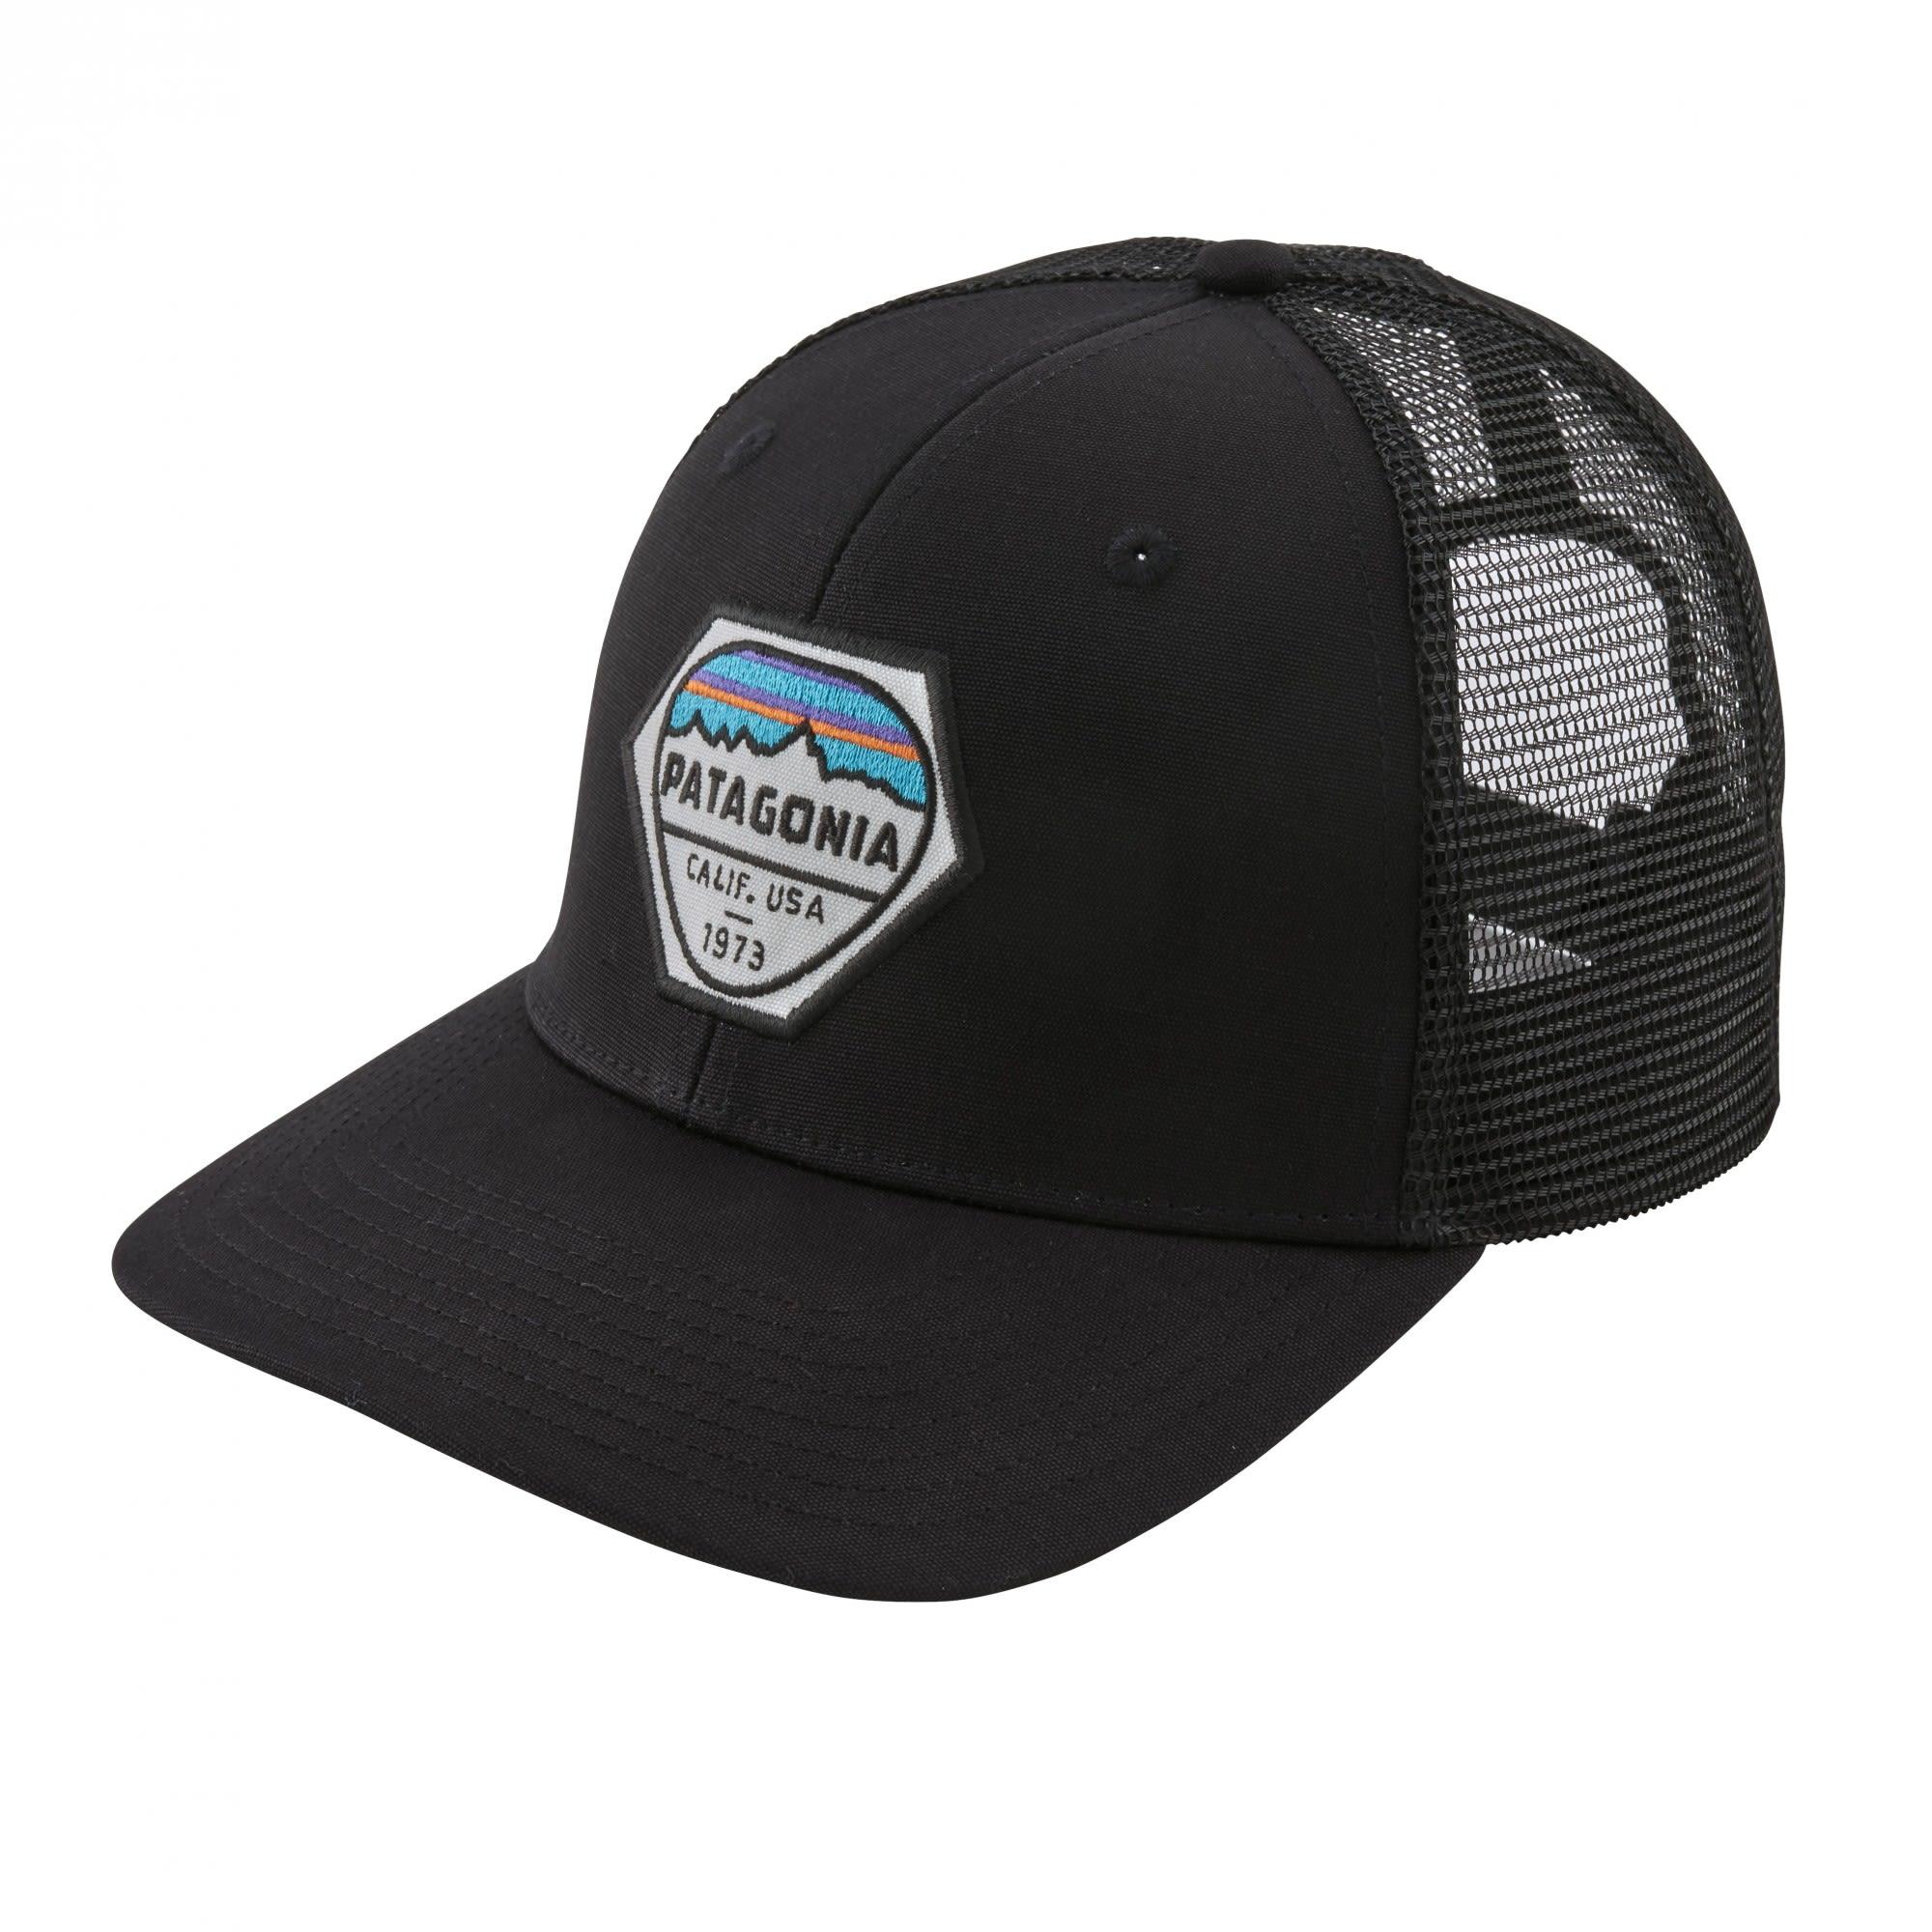 Patagonia Fitz Roy HEX Trucker Hat Schwarz, Accessoires, One Size